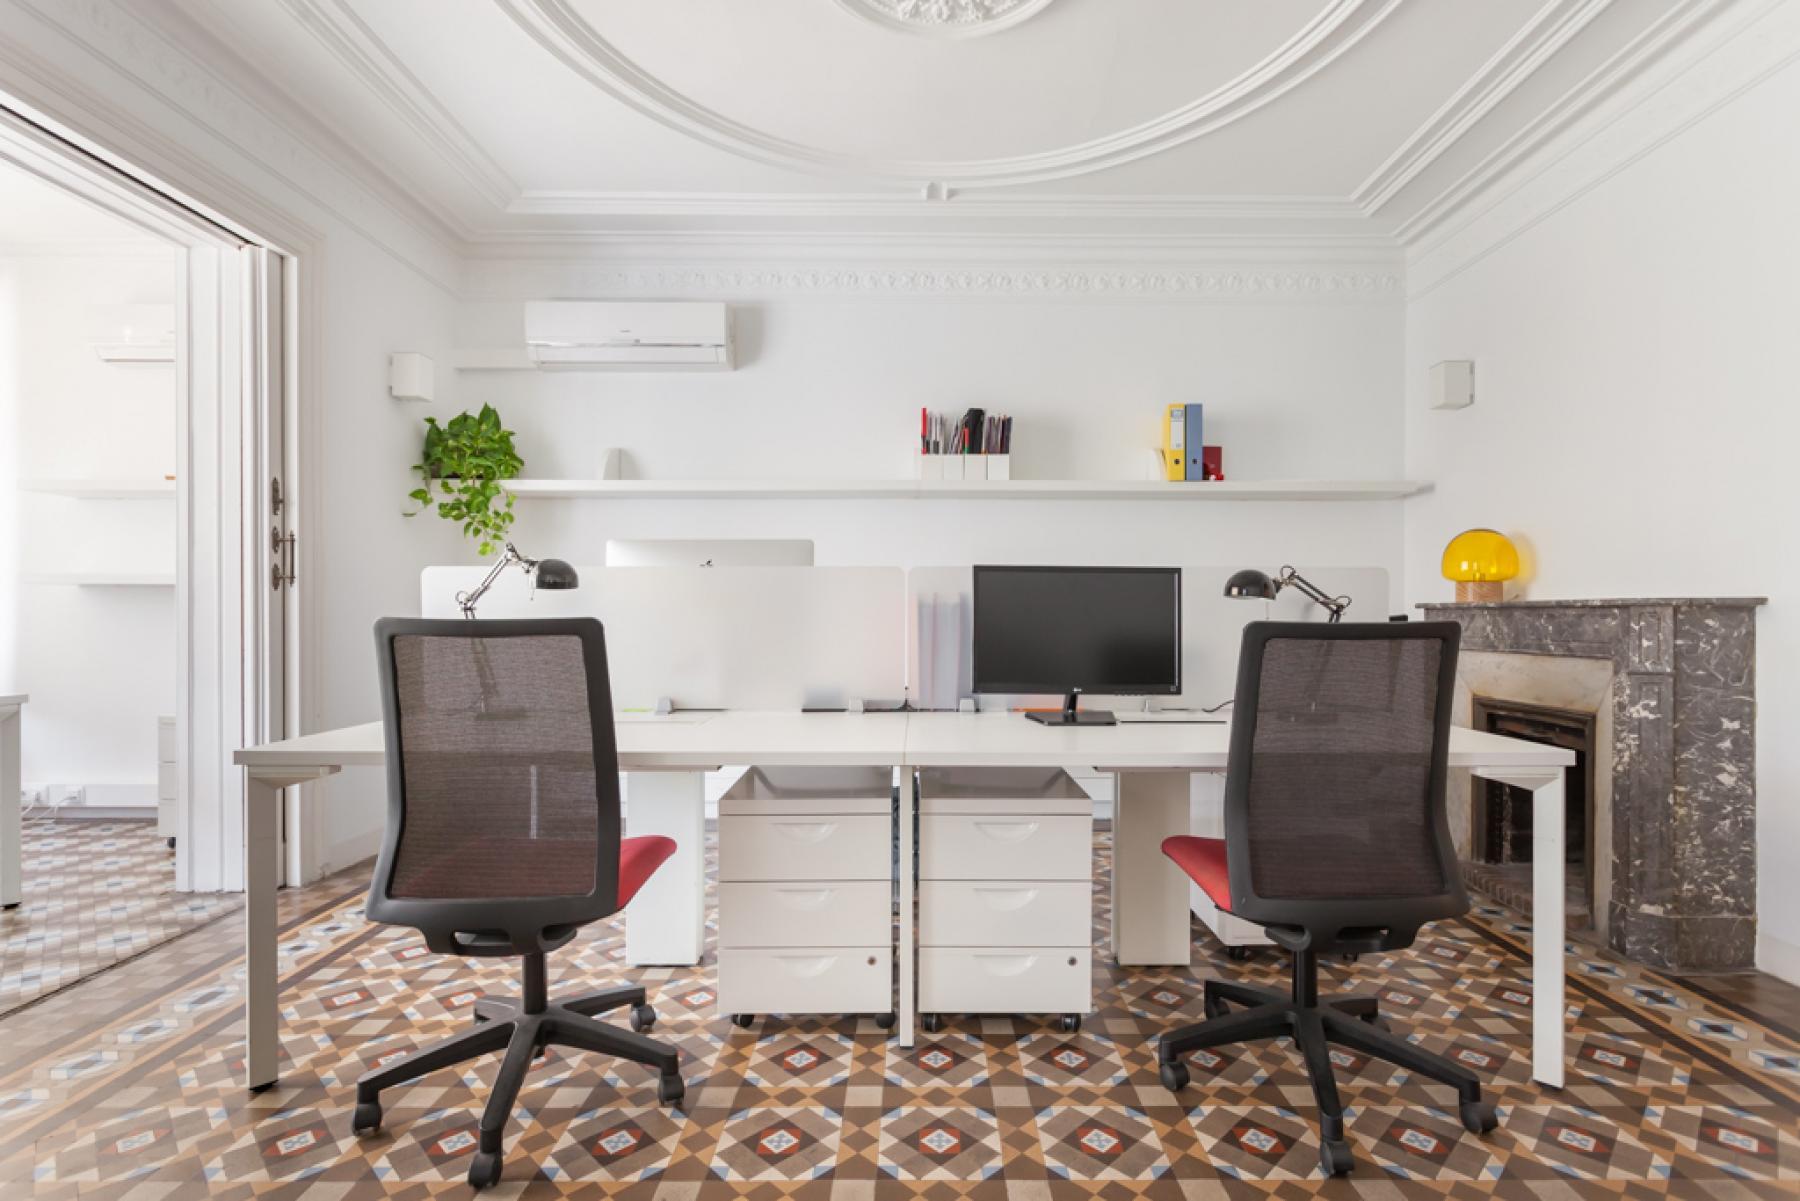 Alquilar oficinas Rambla de Catalunya 125, 3º, 2ª 125, Barcelona (17)